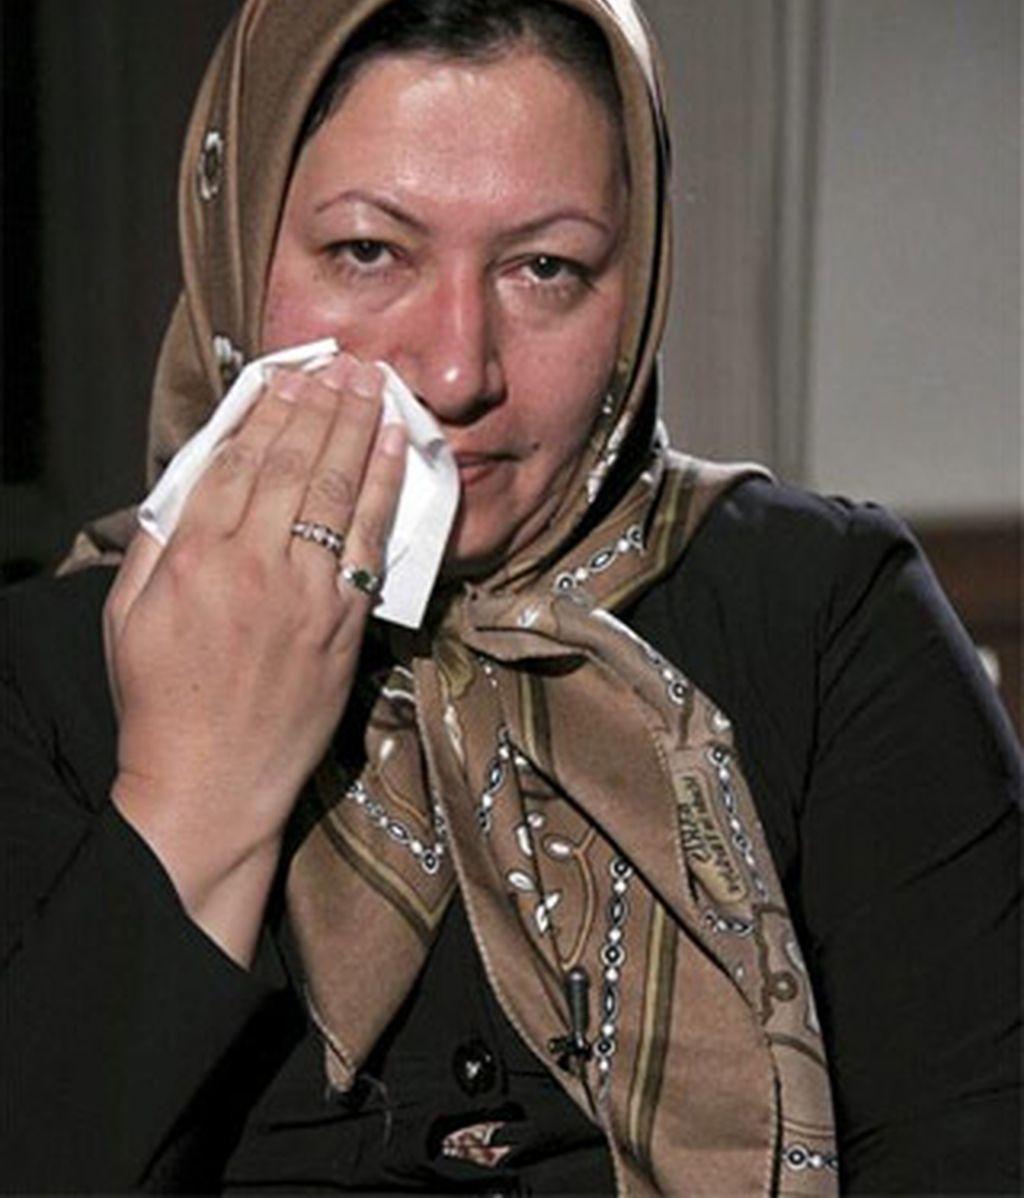 Imagen cedida por la cadena iraní Press TV el 9 de diciembre de 2010 de Sakineh Mohammadi Ashtiani, ciudadana iraní condenada a morir lapidada por cometer adulterio. EFE/Archivo